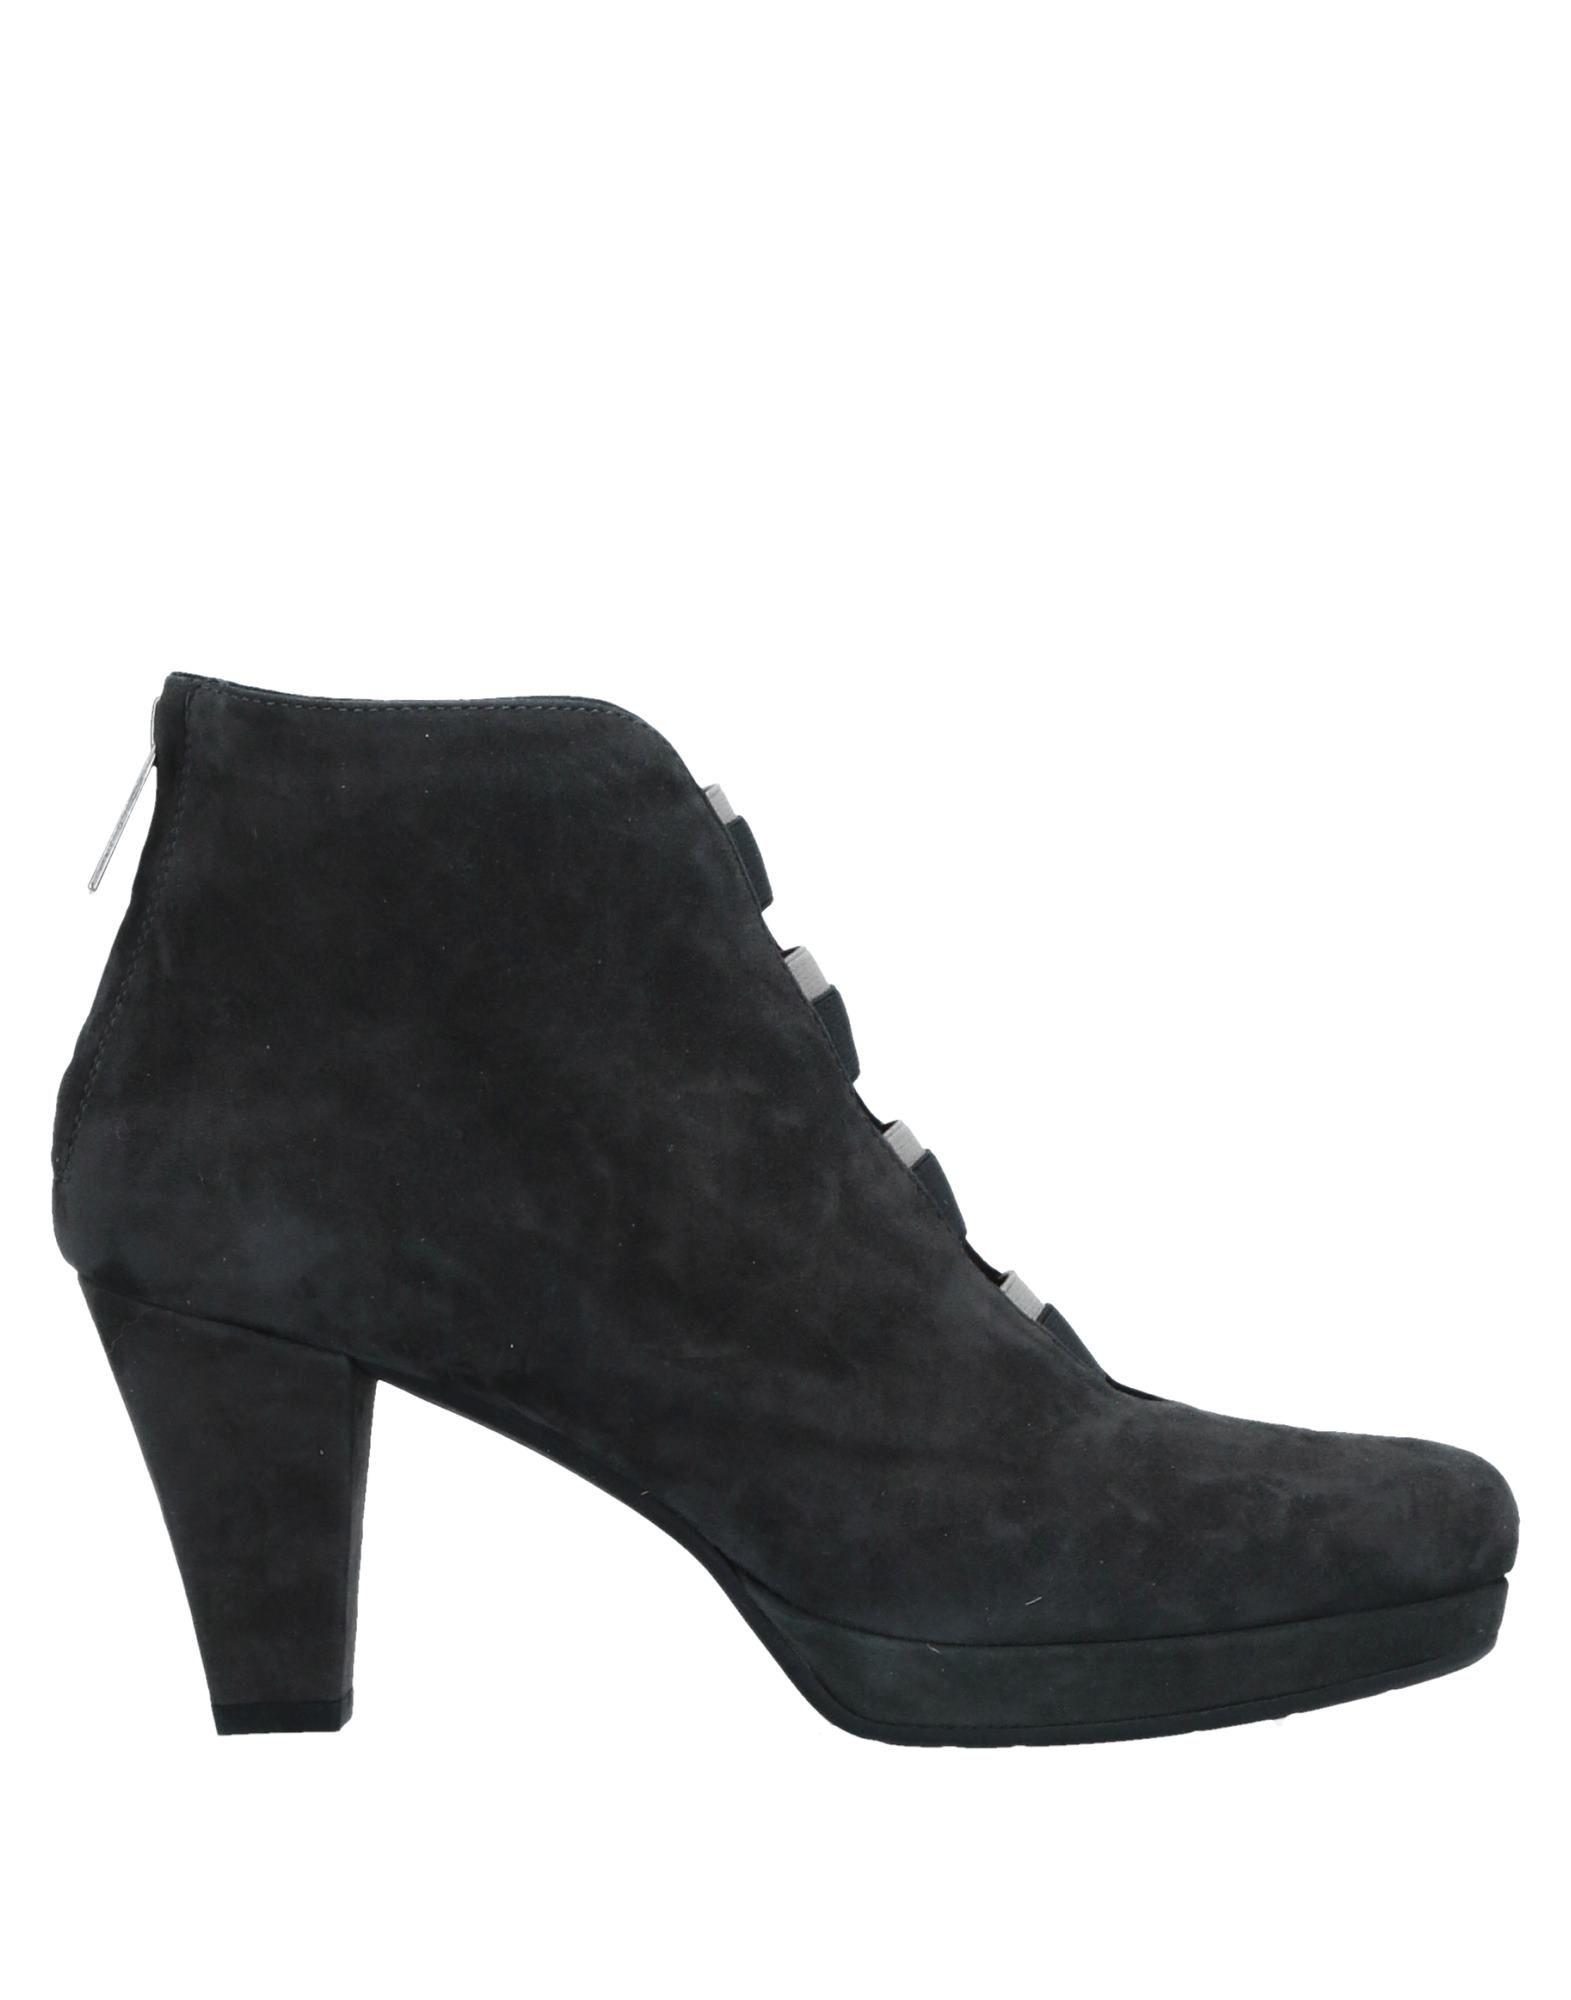 PAS DE ROUGE Полусапоги и высокие ботинки d s de полусапоги и высокие ботинки